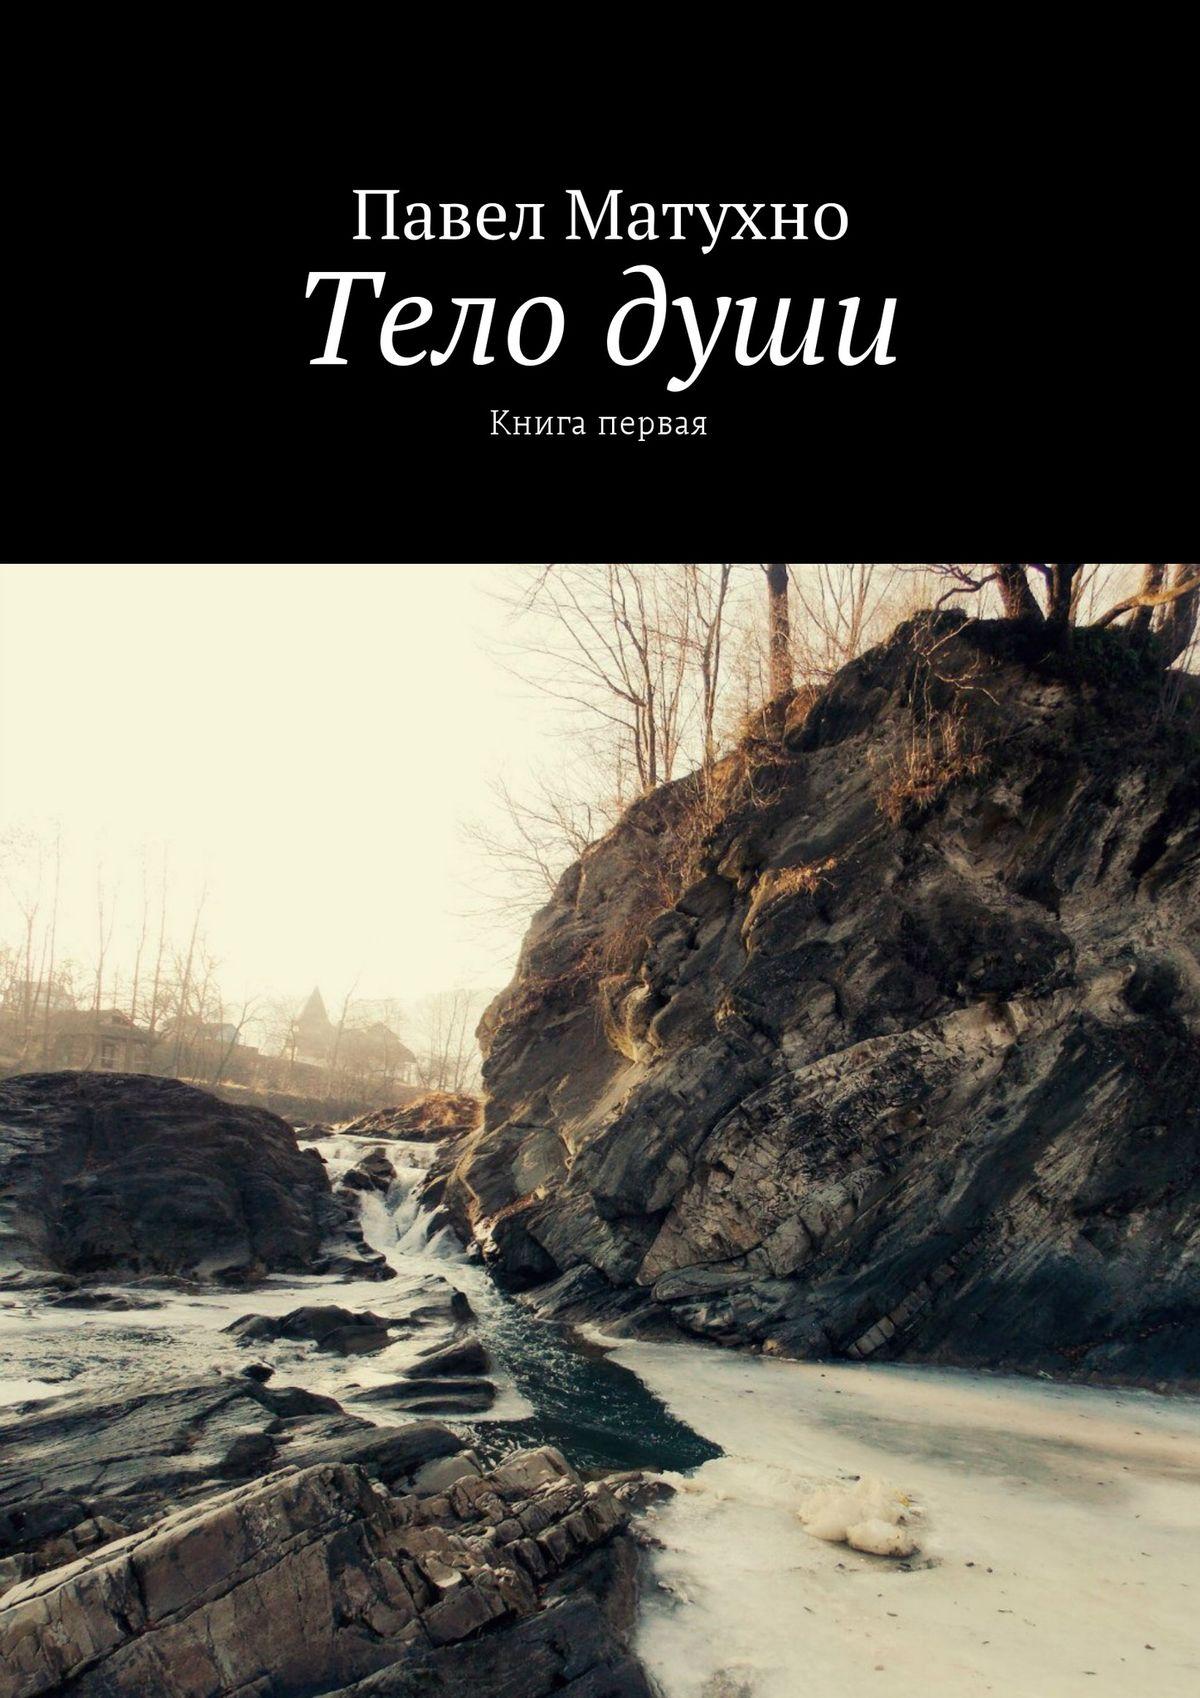 Телодуши. Книга первая